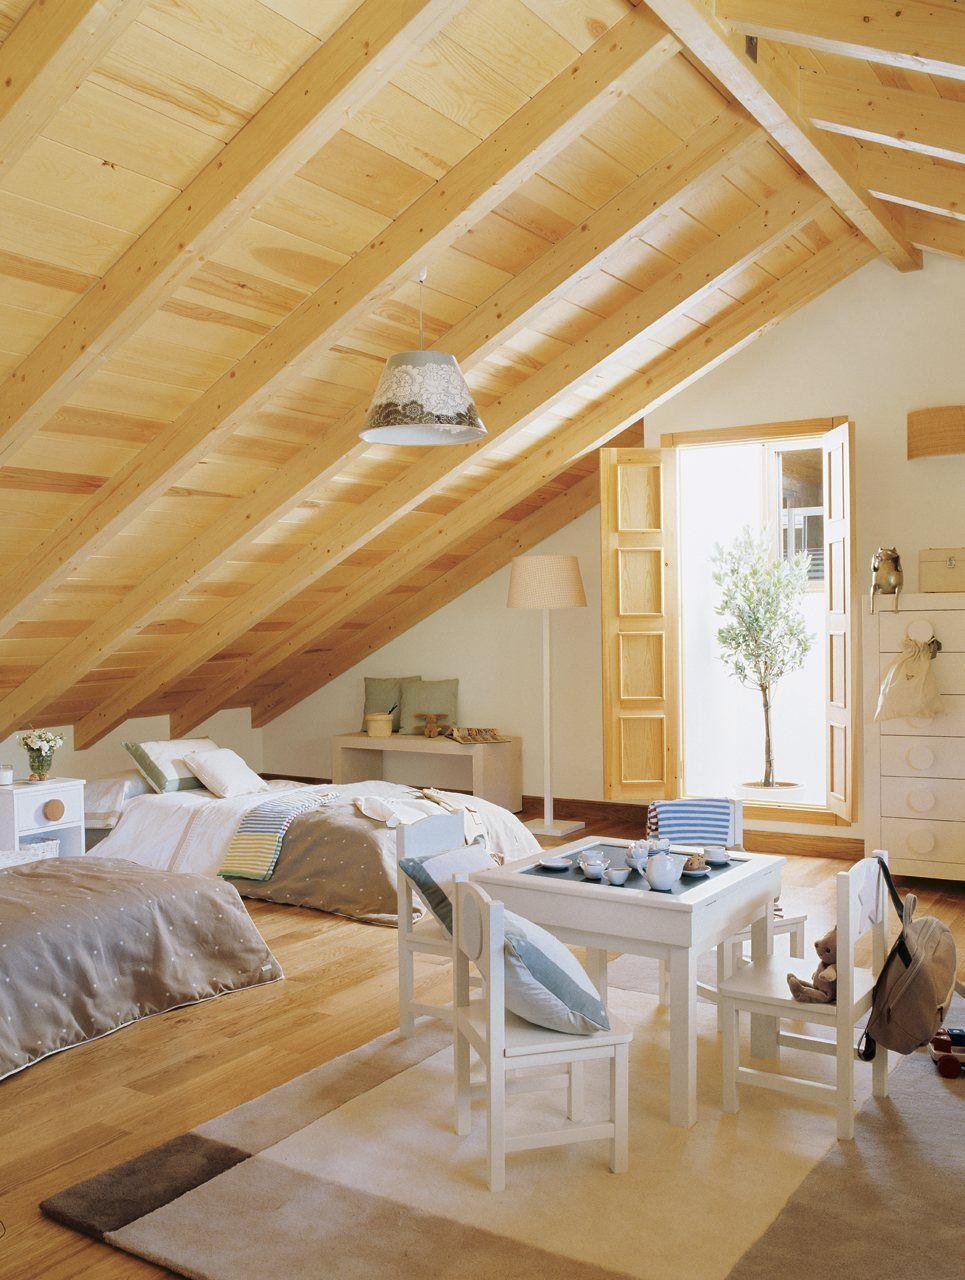 Peques En La Buhardilla Asturias Pinterest Estancias Vivir  # Muebles Reto Asturias